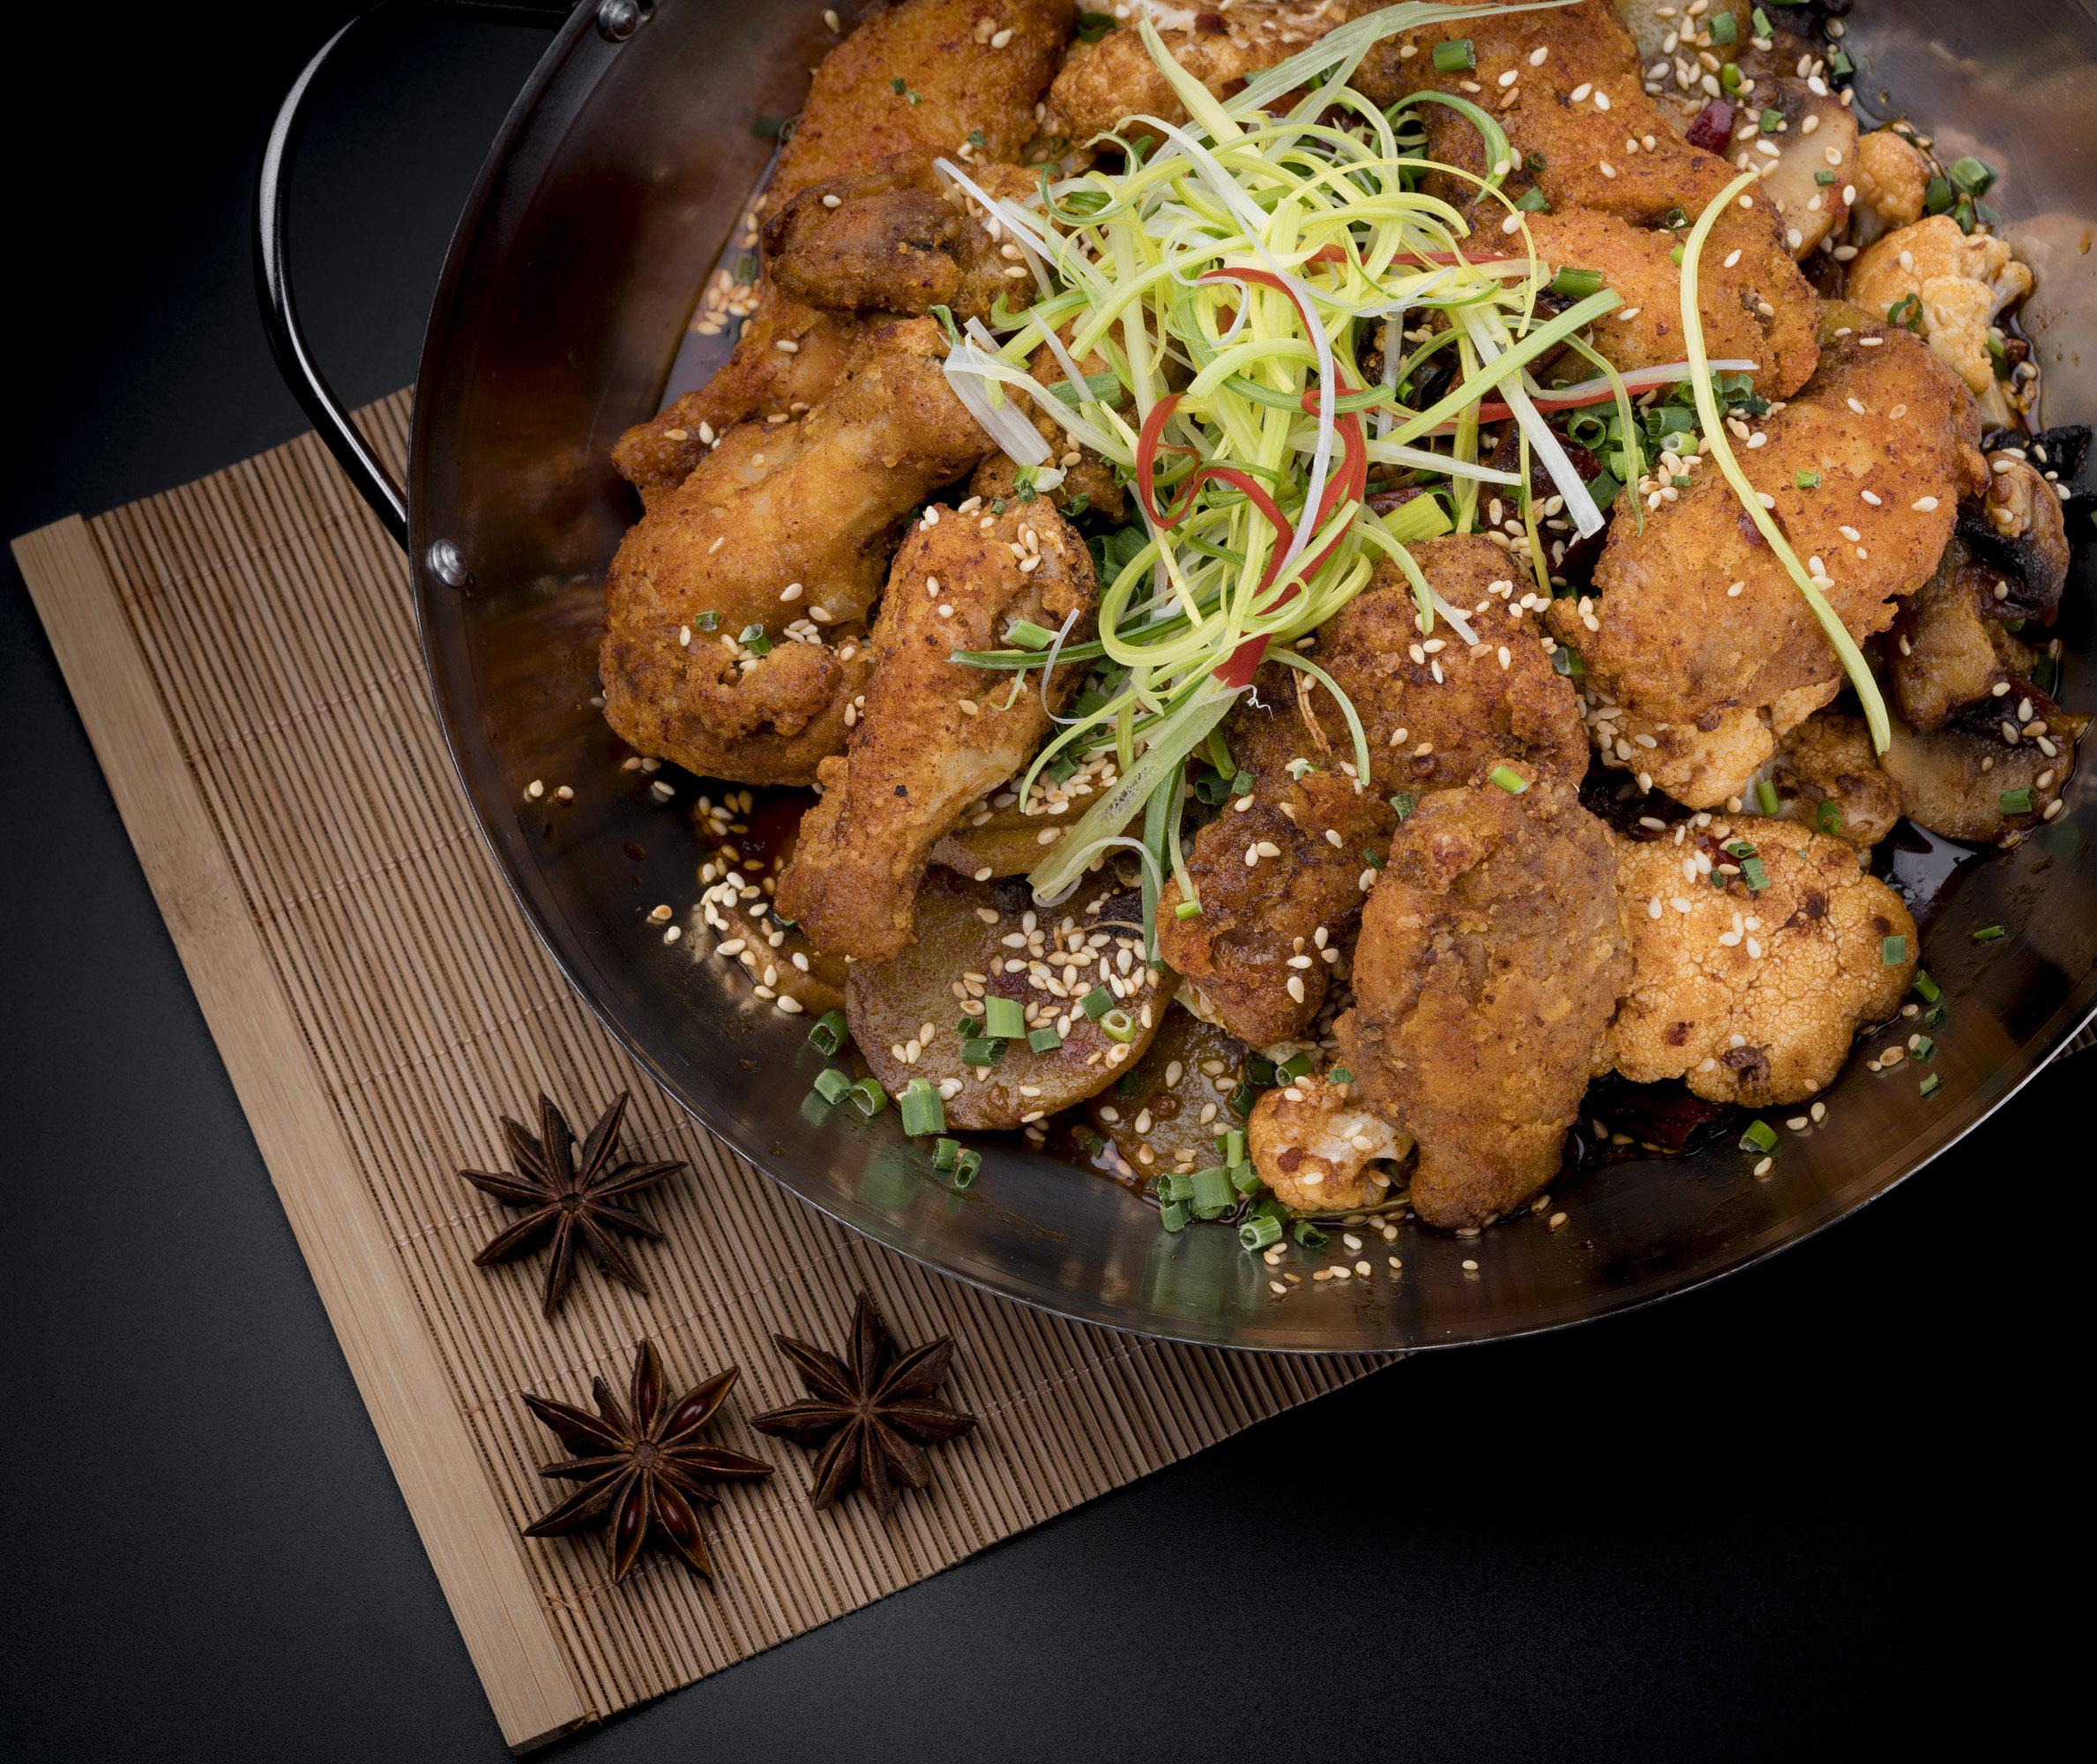 香锅鸡翅 | Ailerons de poulet aux cinq épices dans une marmite